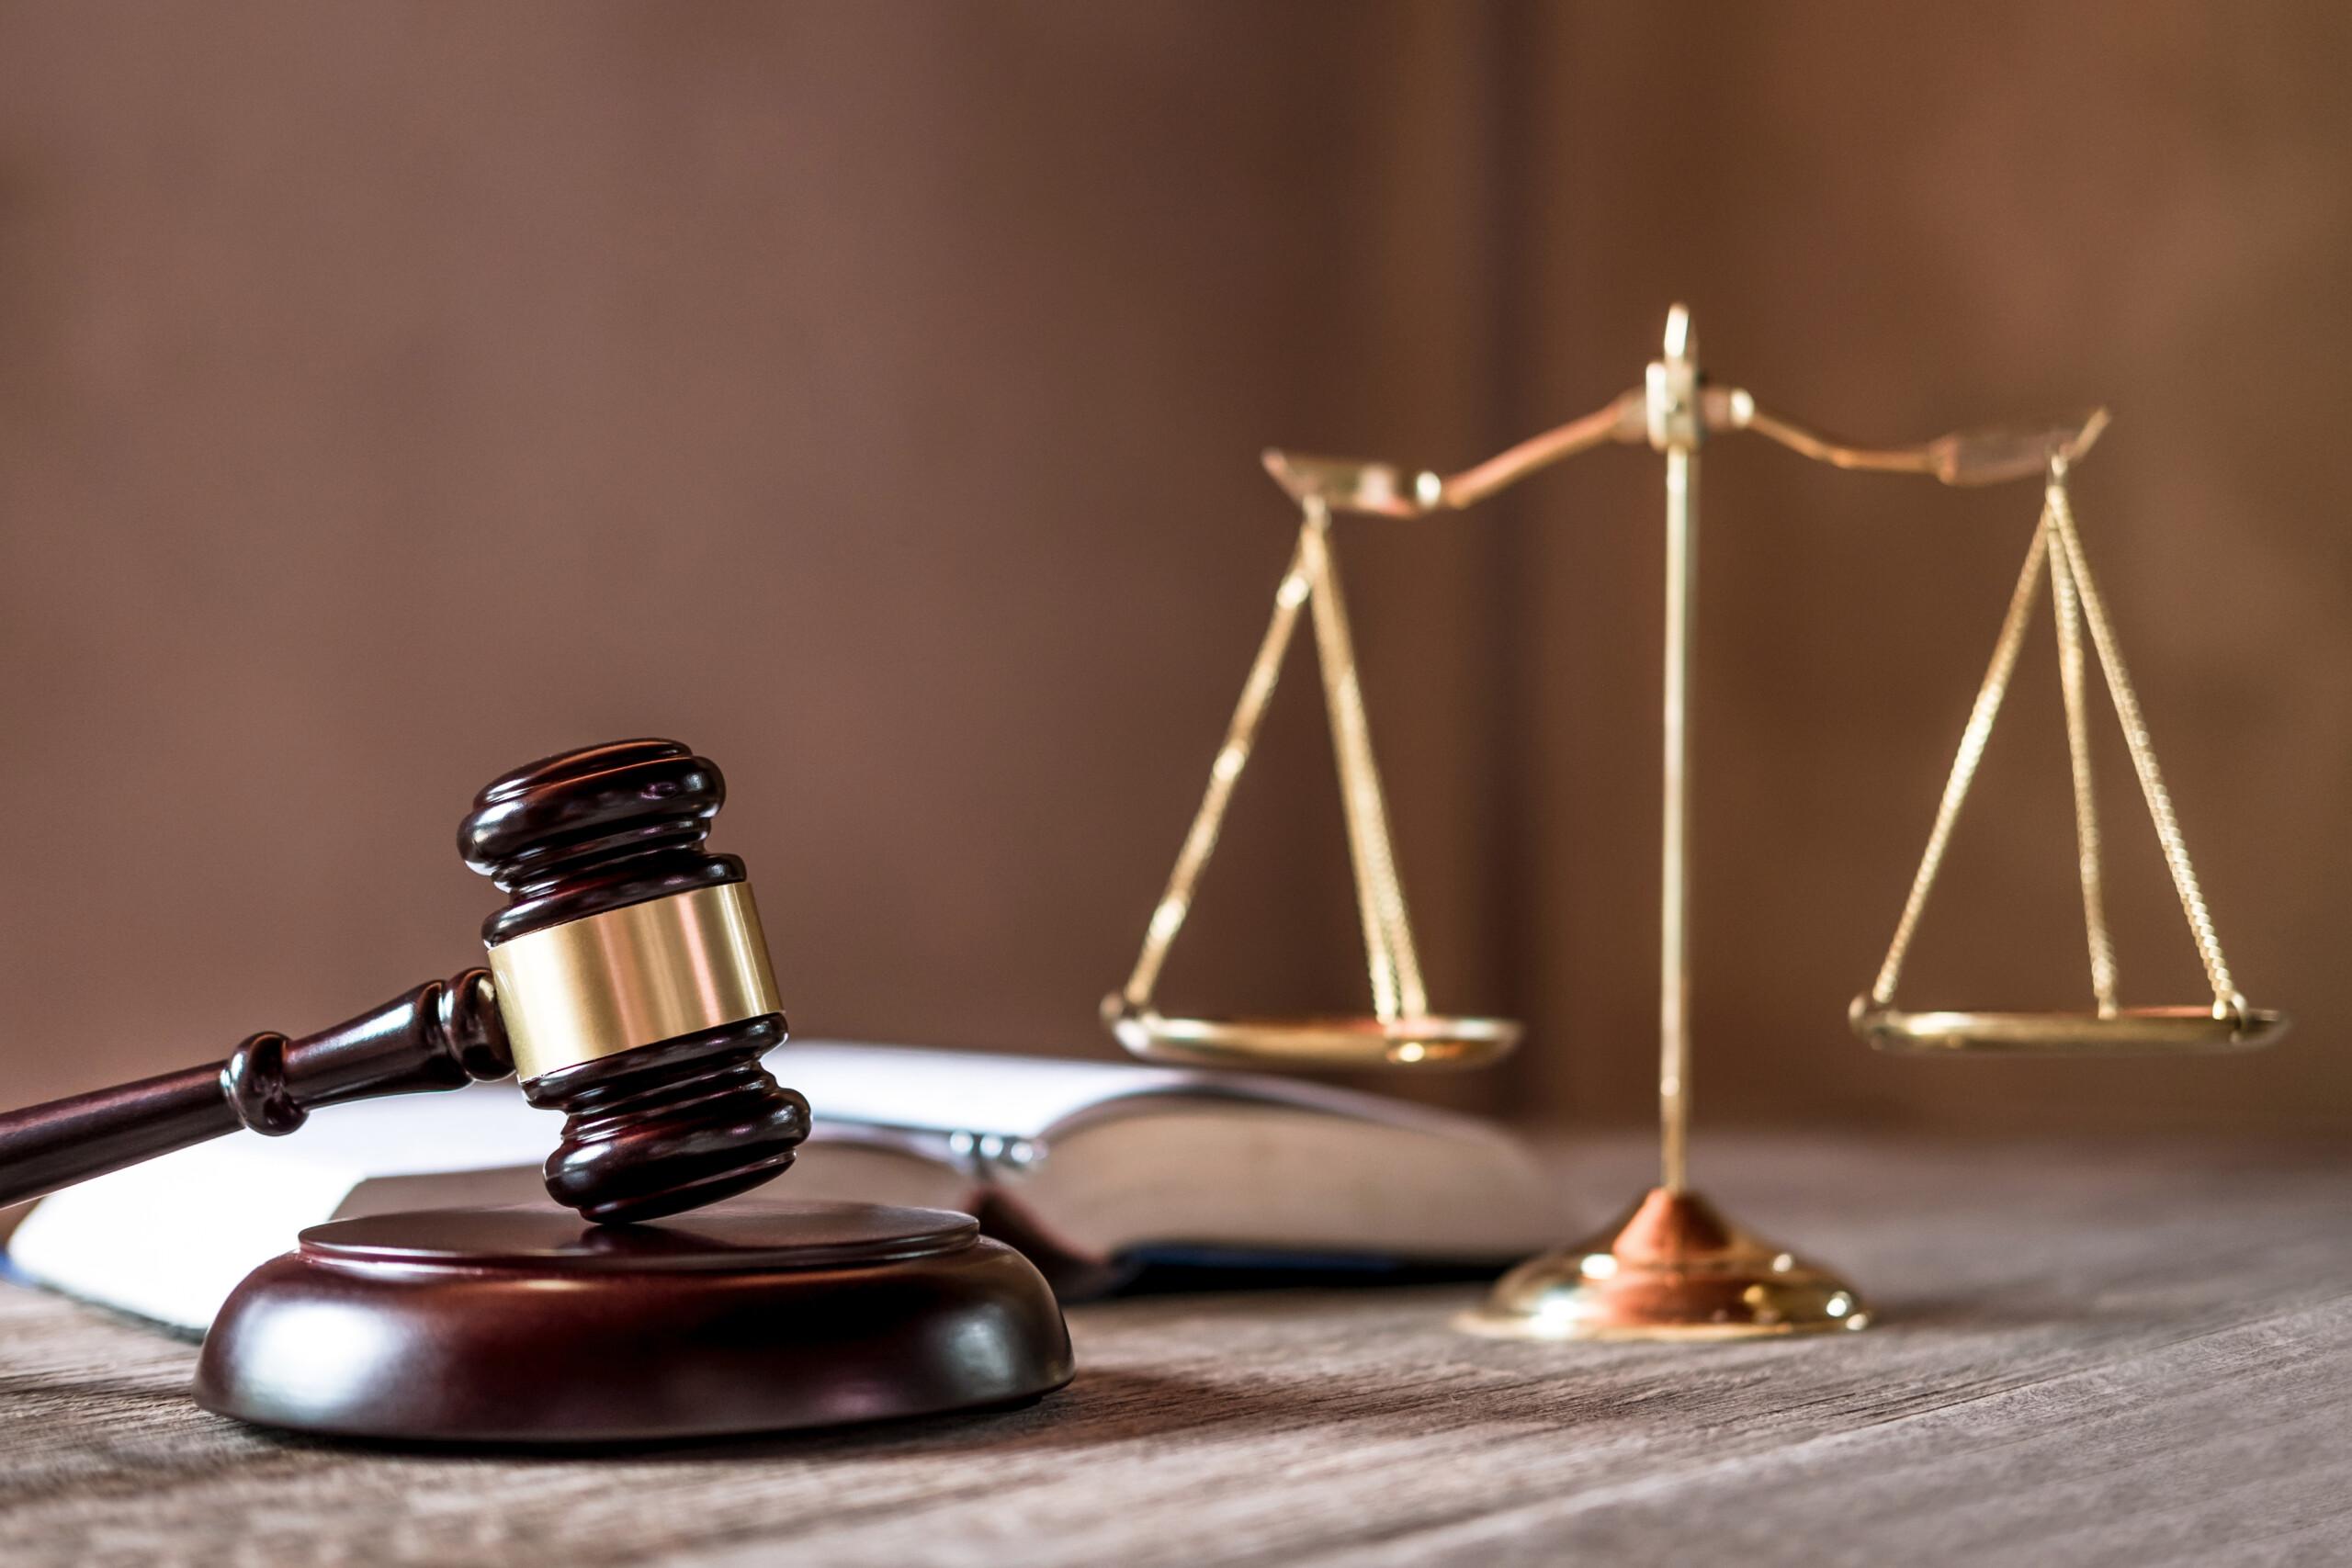 Αποκάλυψη: Πλήρες άνοιγμα των δικαστηρίων από 13/9 και στα ποινικά